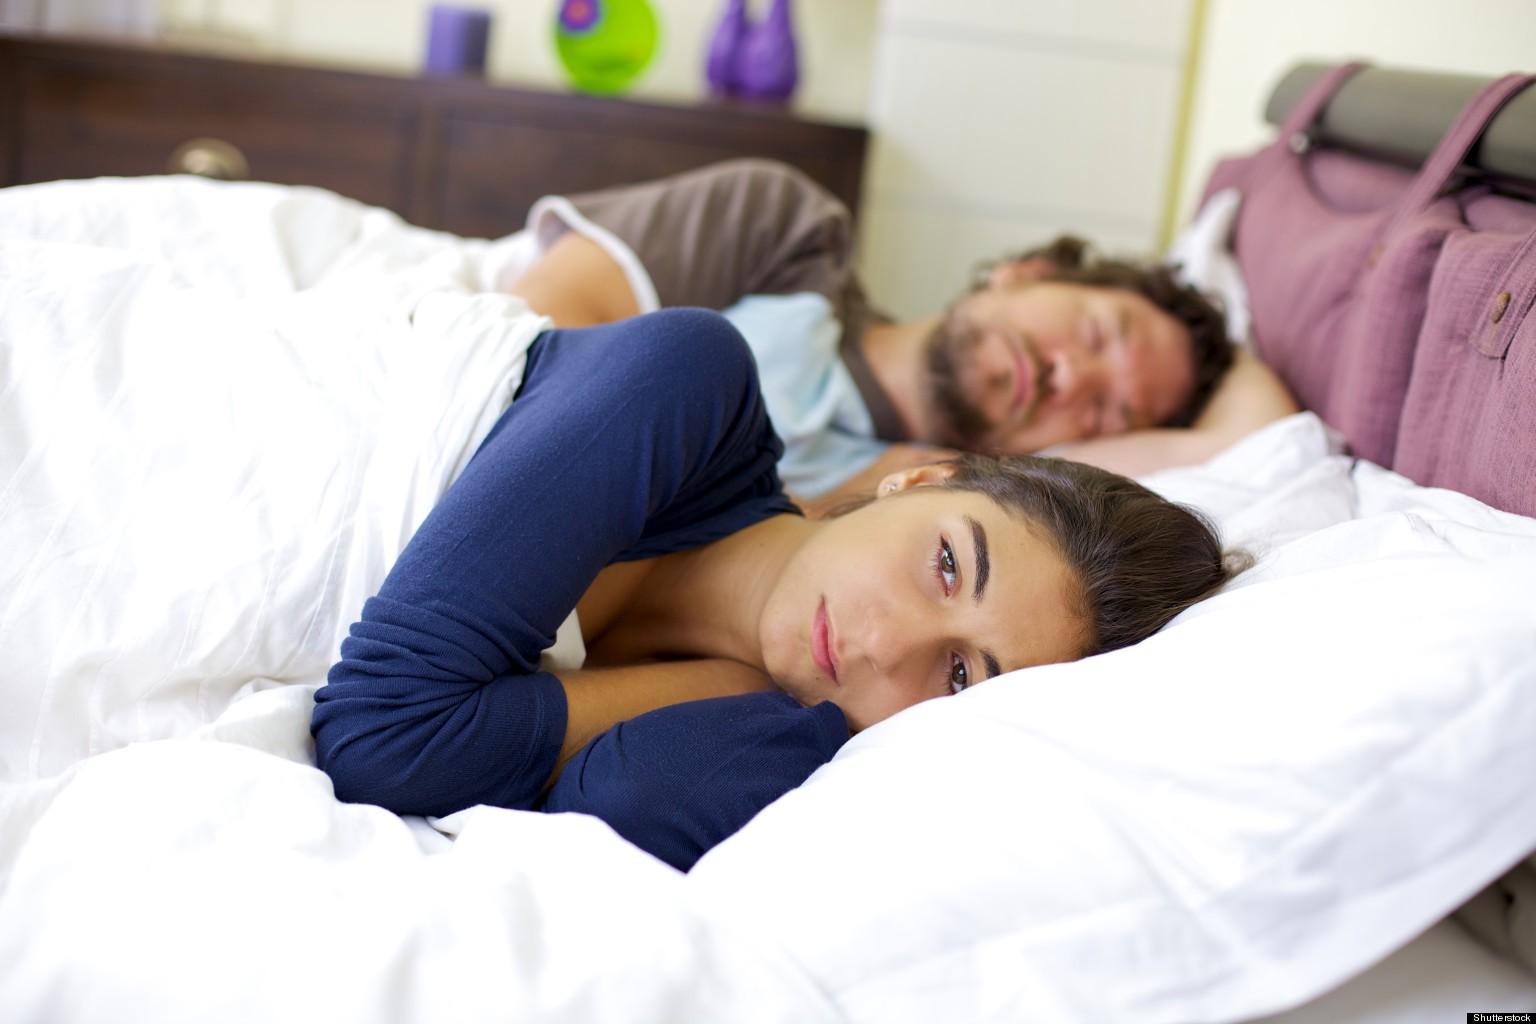 ارتباط بین پایین بودن تستوسترون و میل جنسی در آقایان